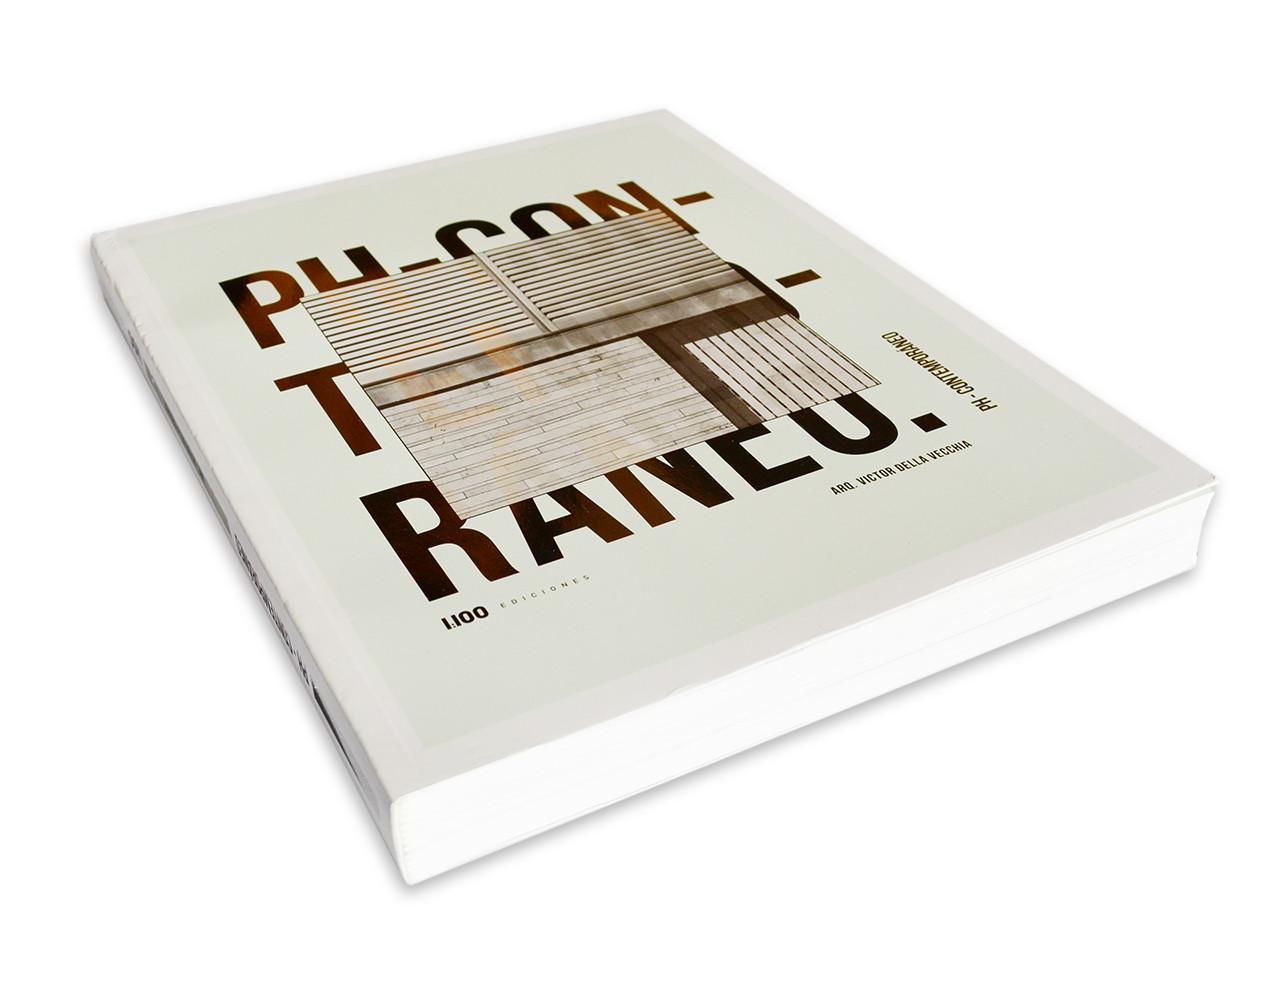 PH - CONTEMPORÁNEO, Arq. Víctor della Vecchia / 1:100 Ediciones